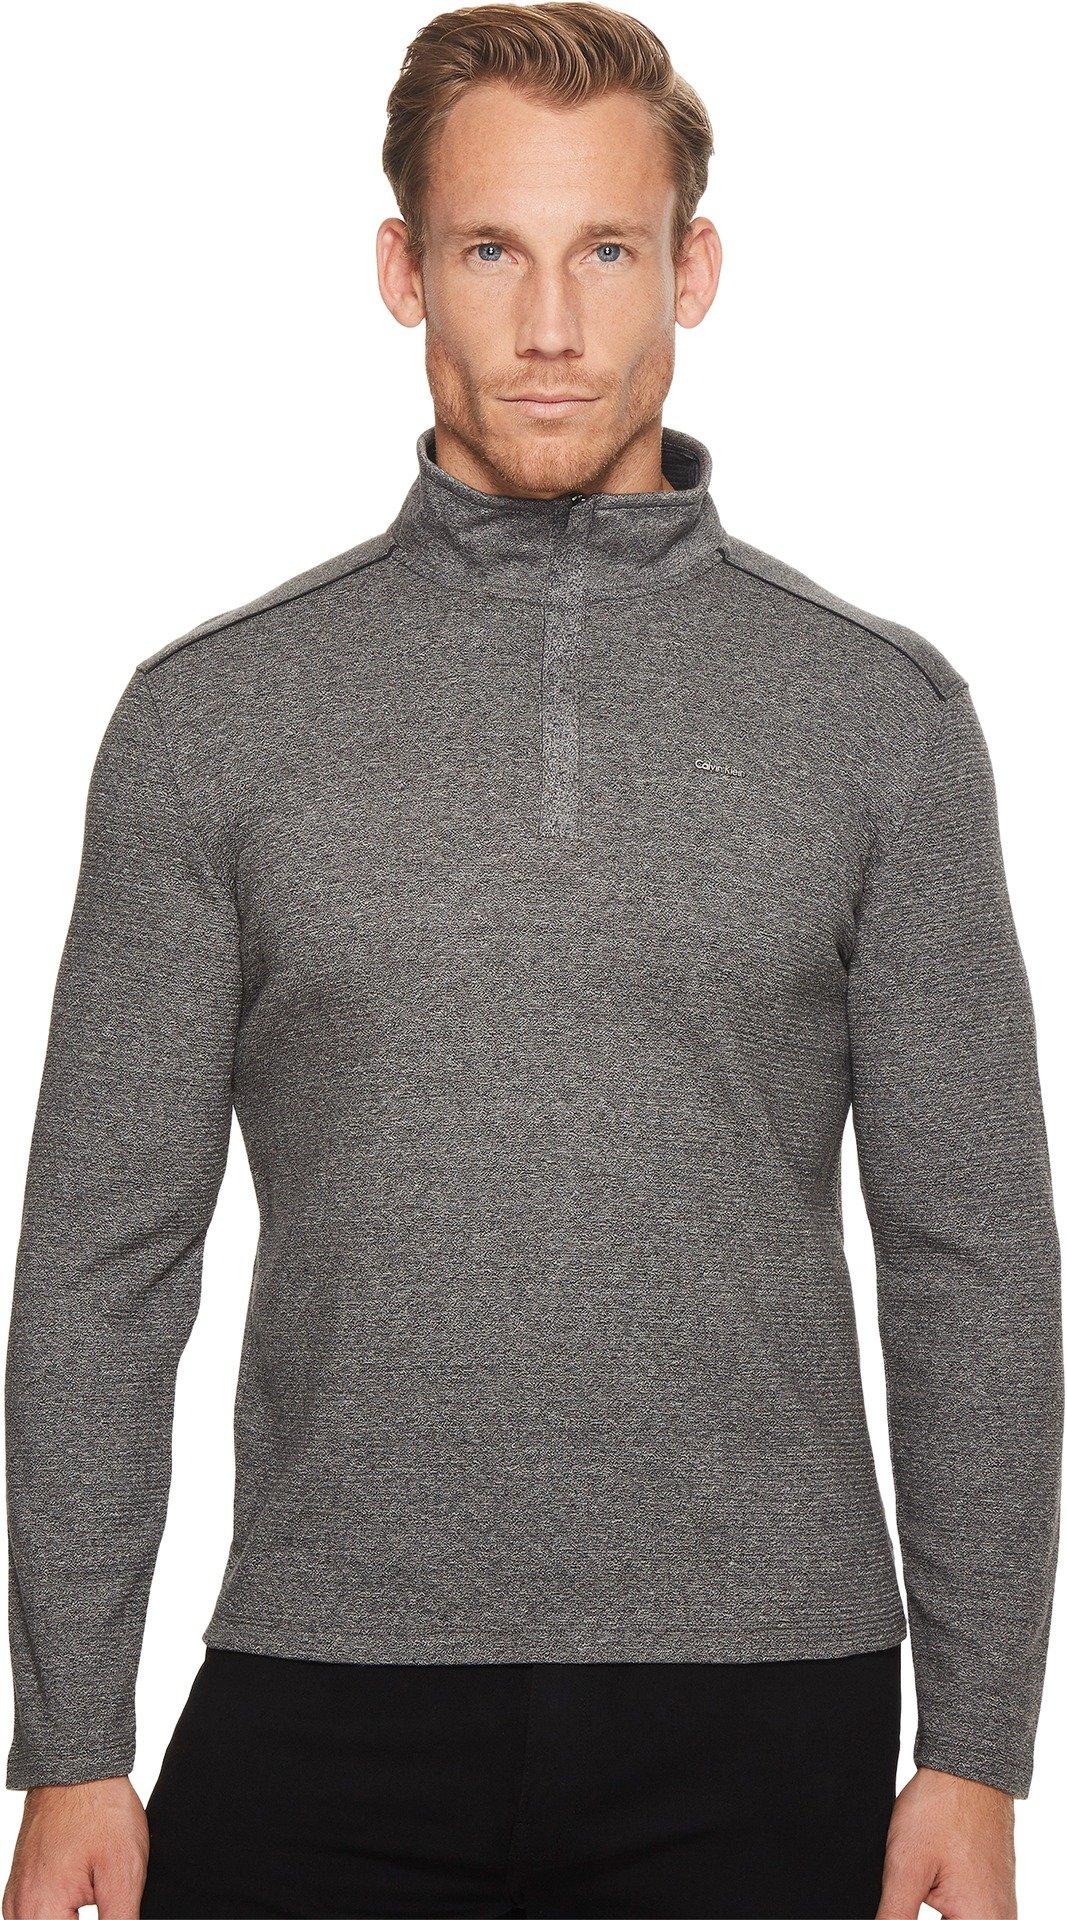 Calvin Klein Men's Long Sleeve Jacquard 1/4 Zip Knit, Marled Black, Large